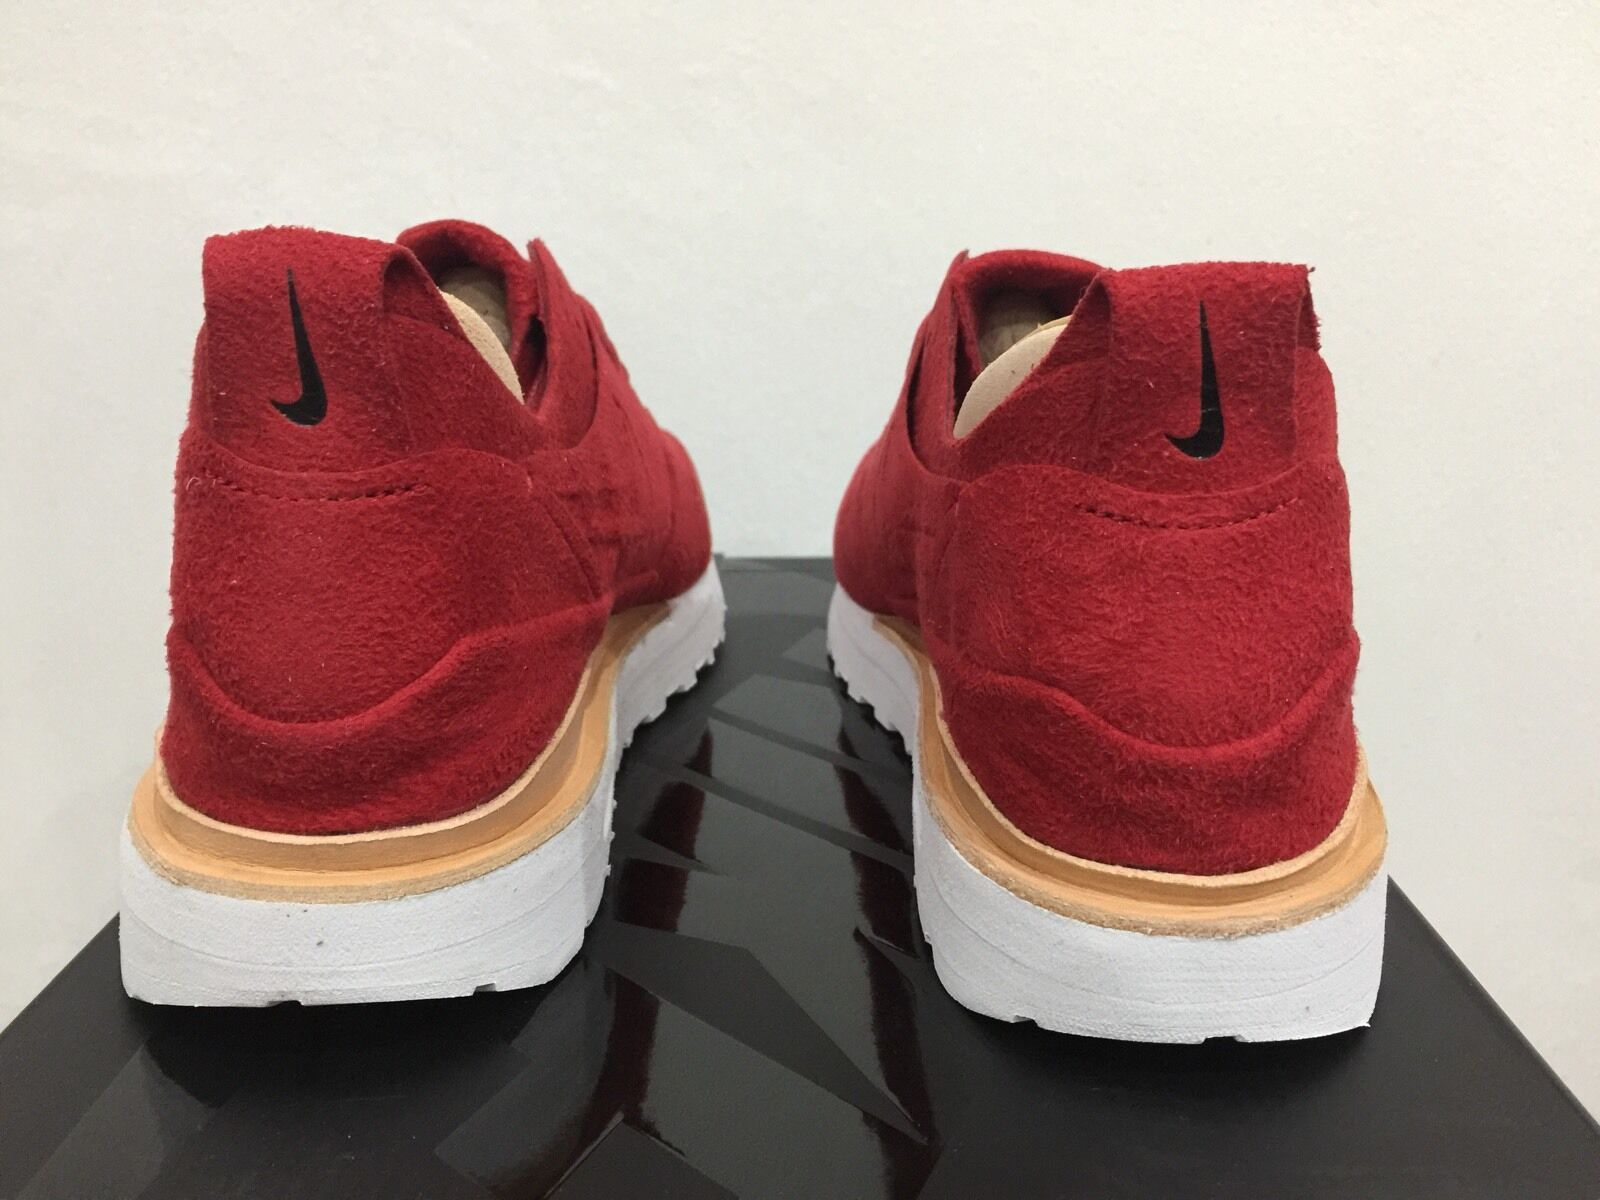 Nike AIR MAX 1 1 1 ROYAL ROSSO DA PALESTRA TG EUR 41 [847671 661] NUOVO CON SCATOLA 100% AUTENTICO 033532